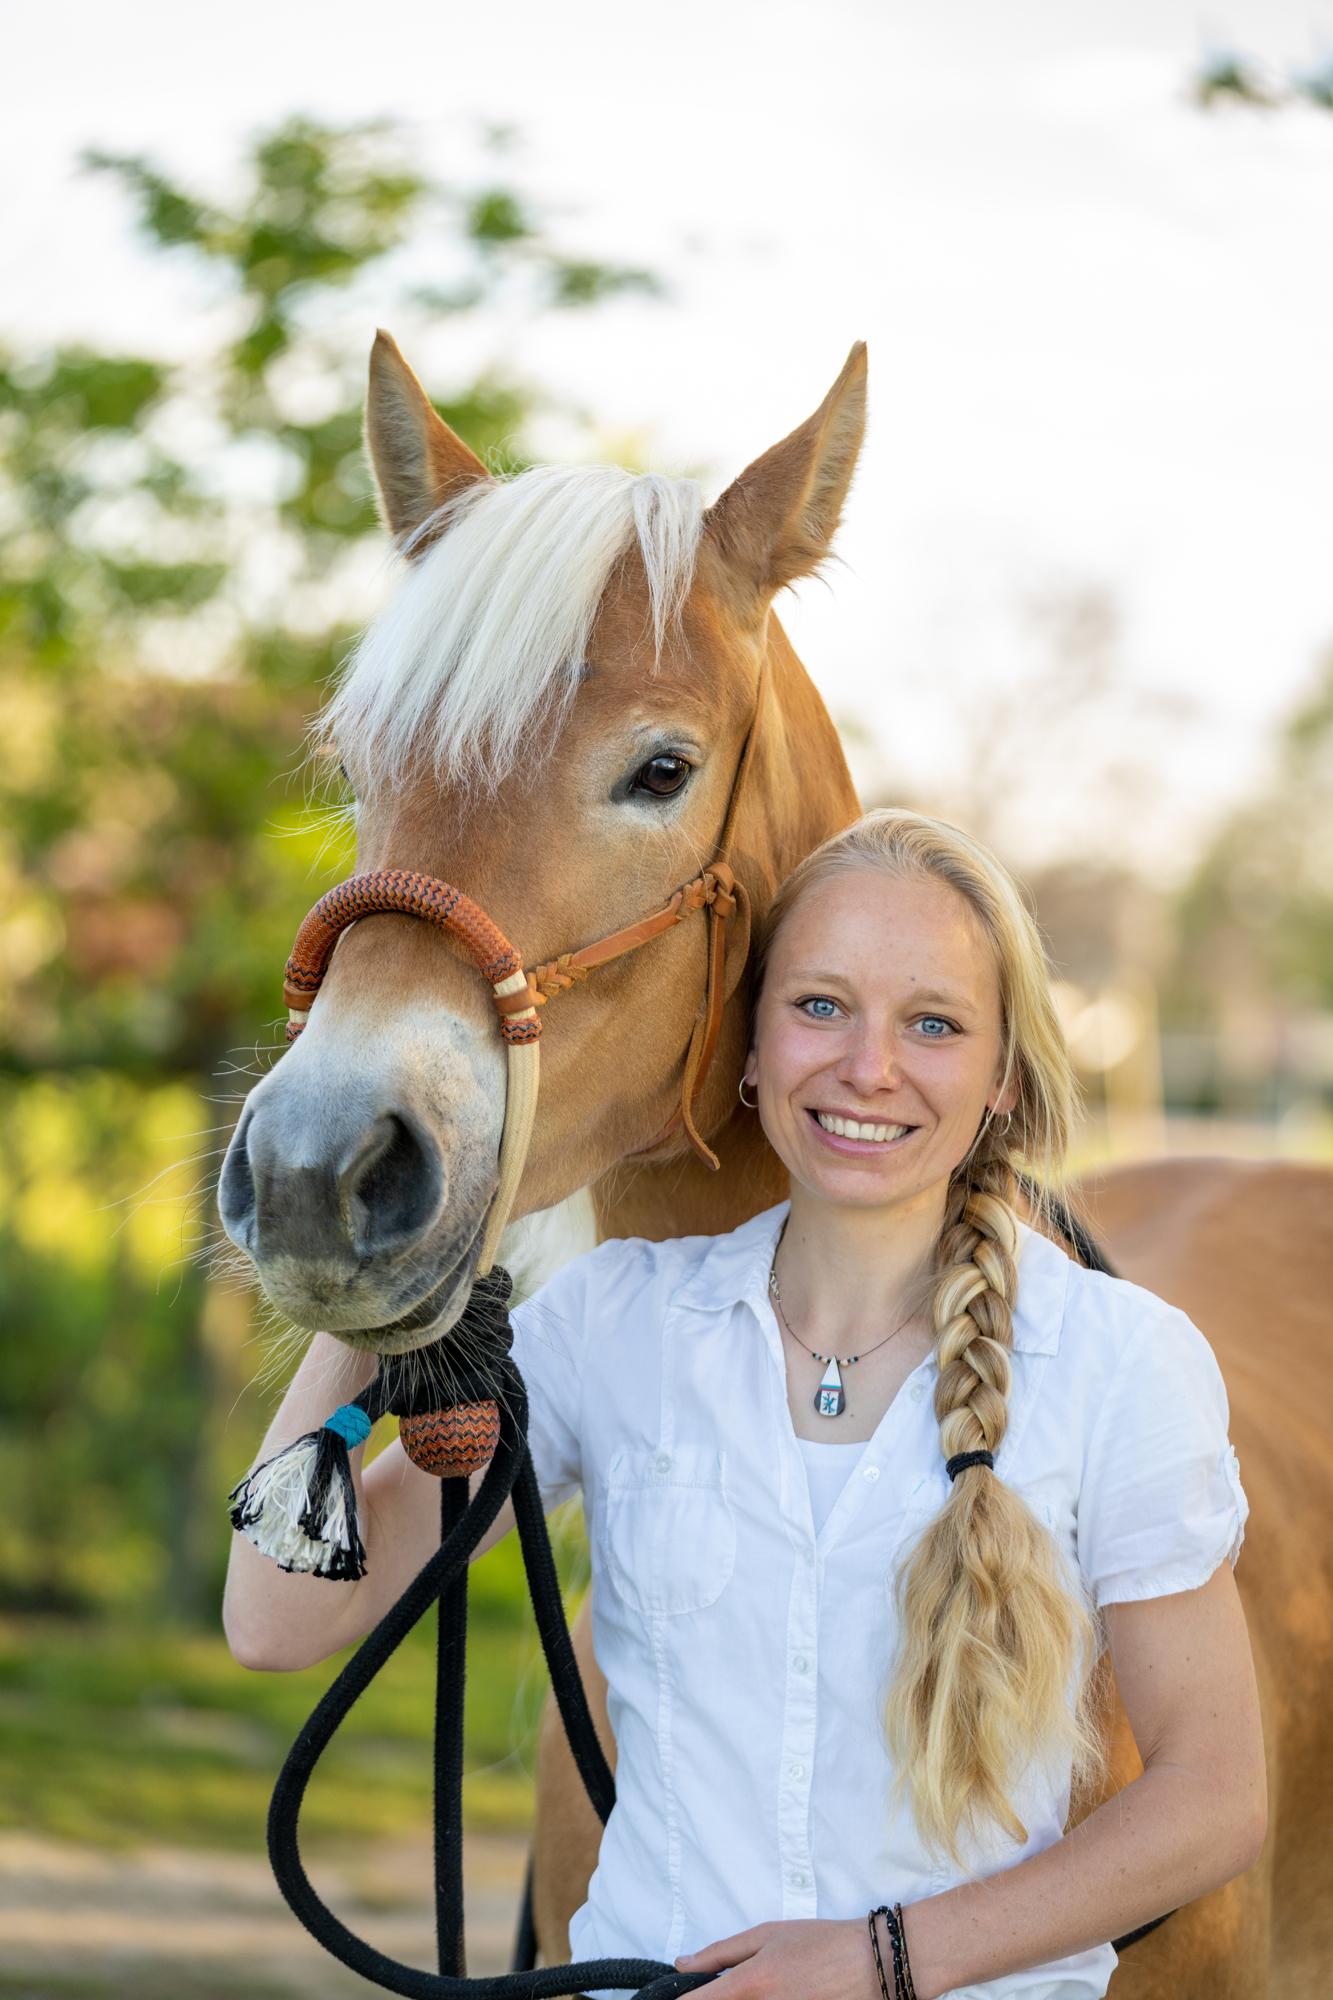 GWP-Förderpreisträgerin 2021, Isabell Marr.